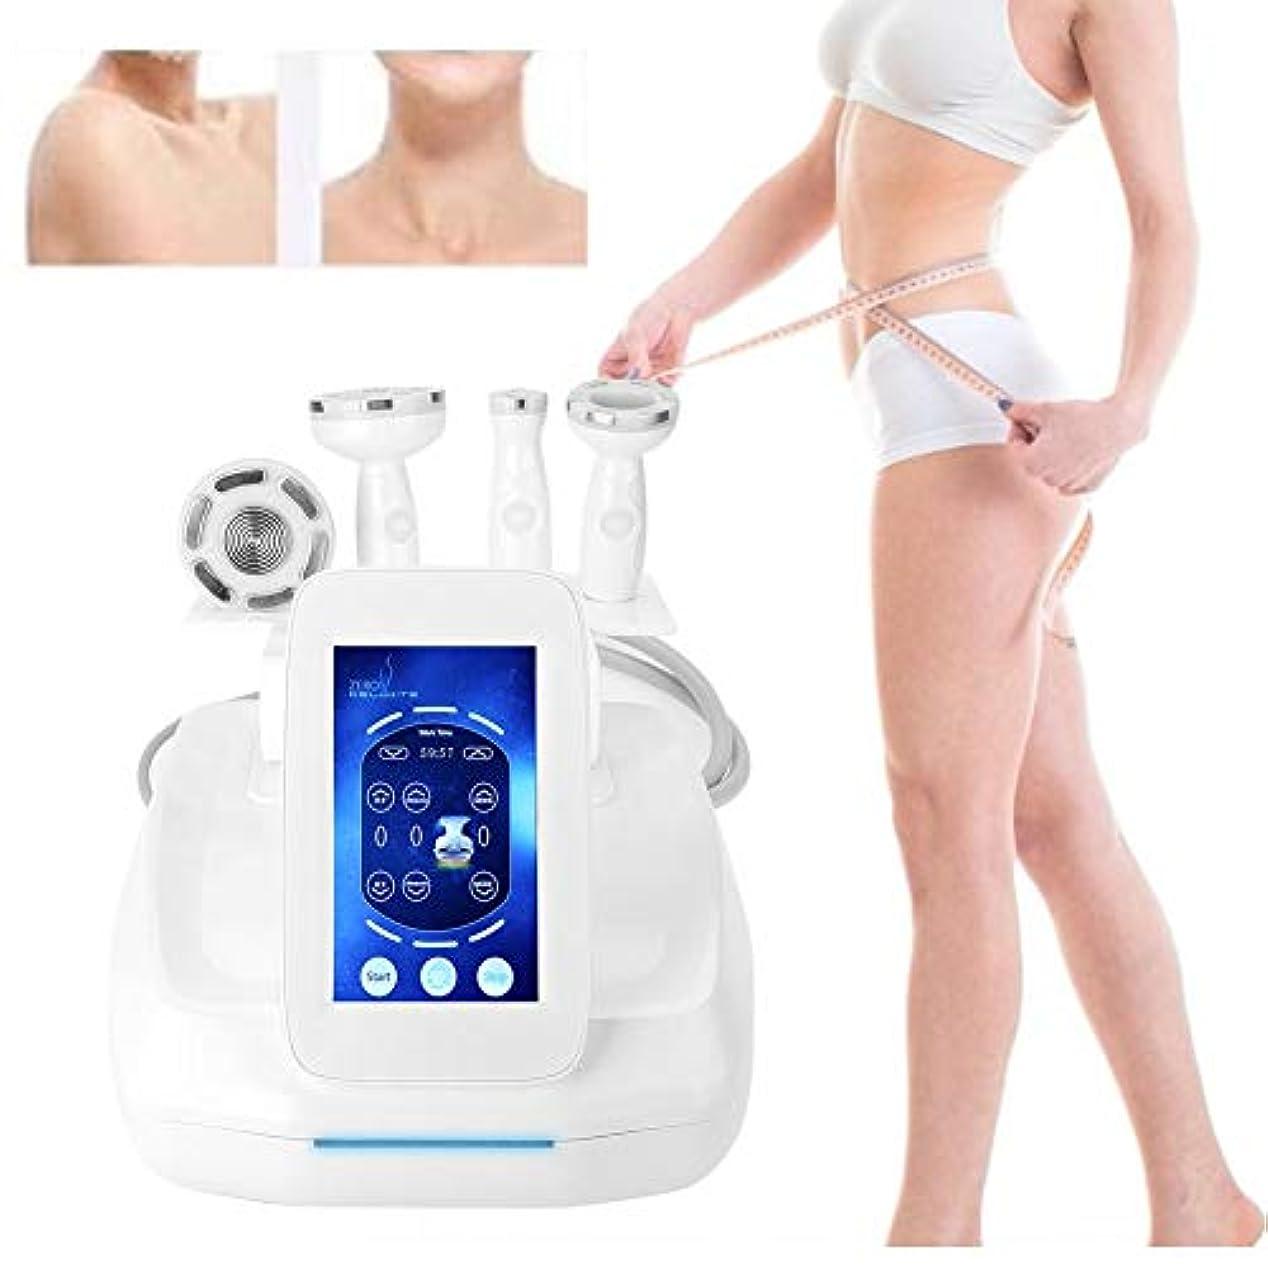 任意短命未亡人脂肪除去機、多極RF熱可塑性真空ブラストボディシェーピング器具皮膚リフティングマッサージャー(US)